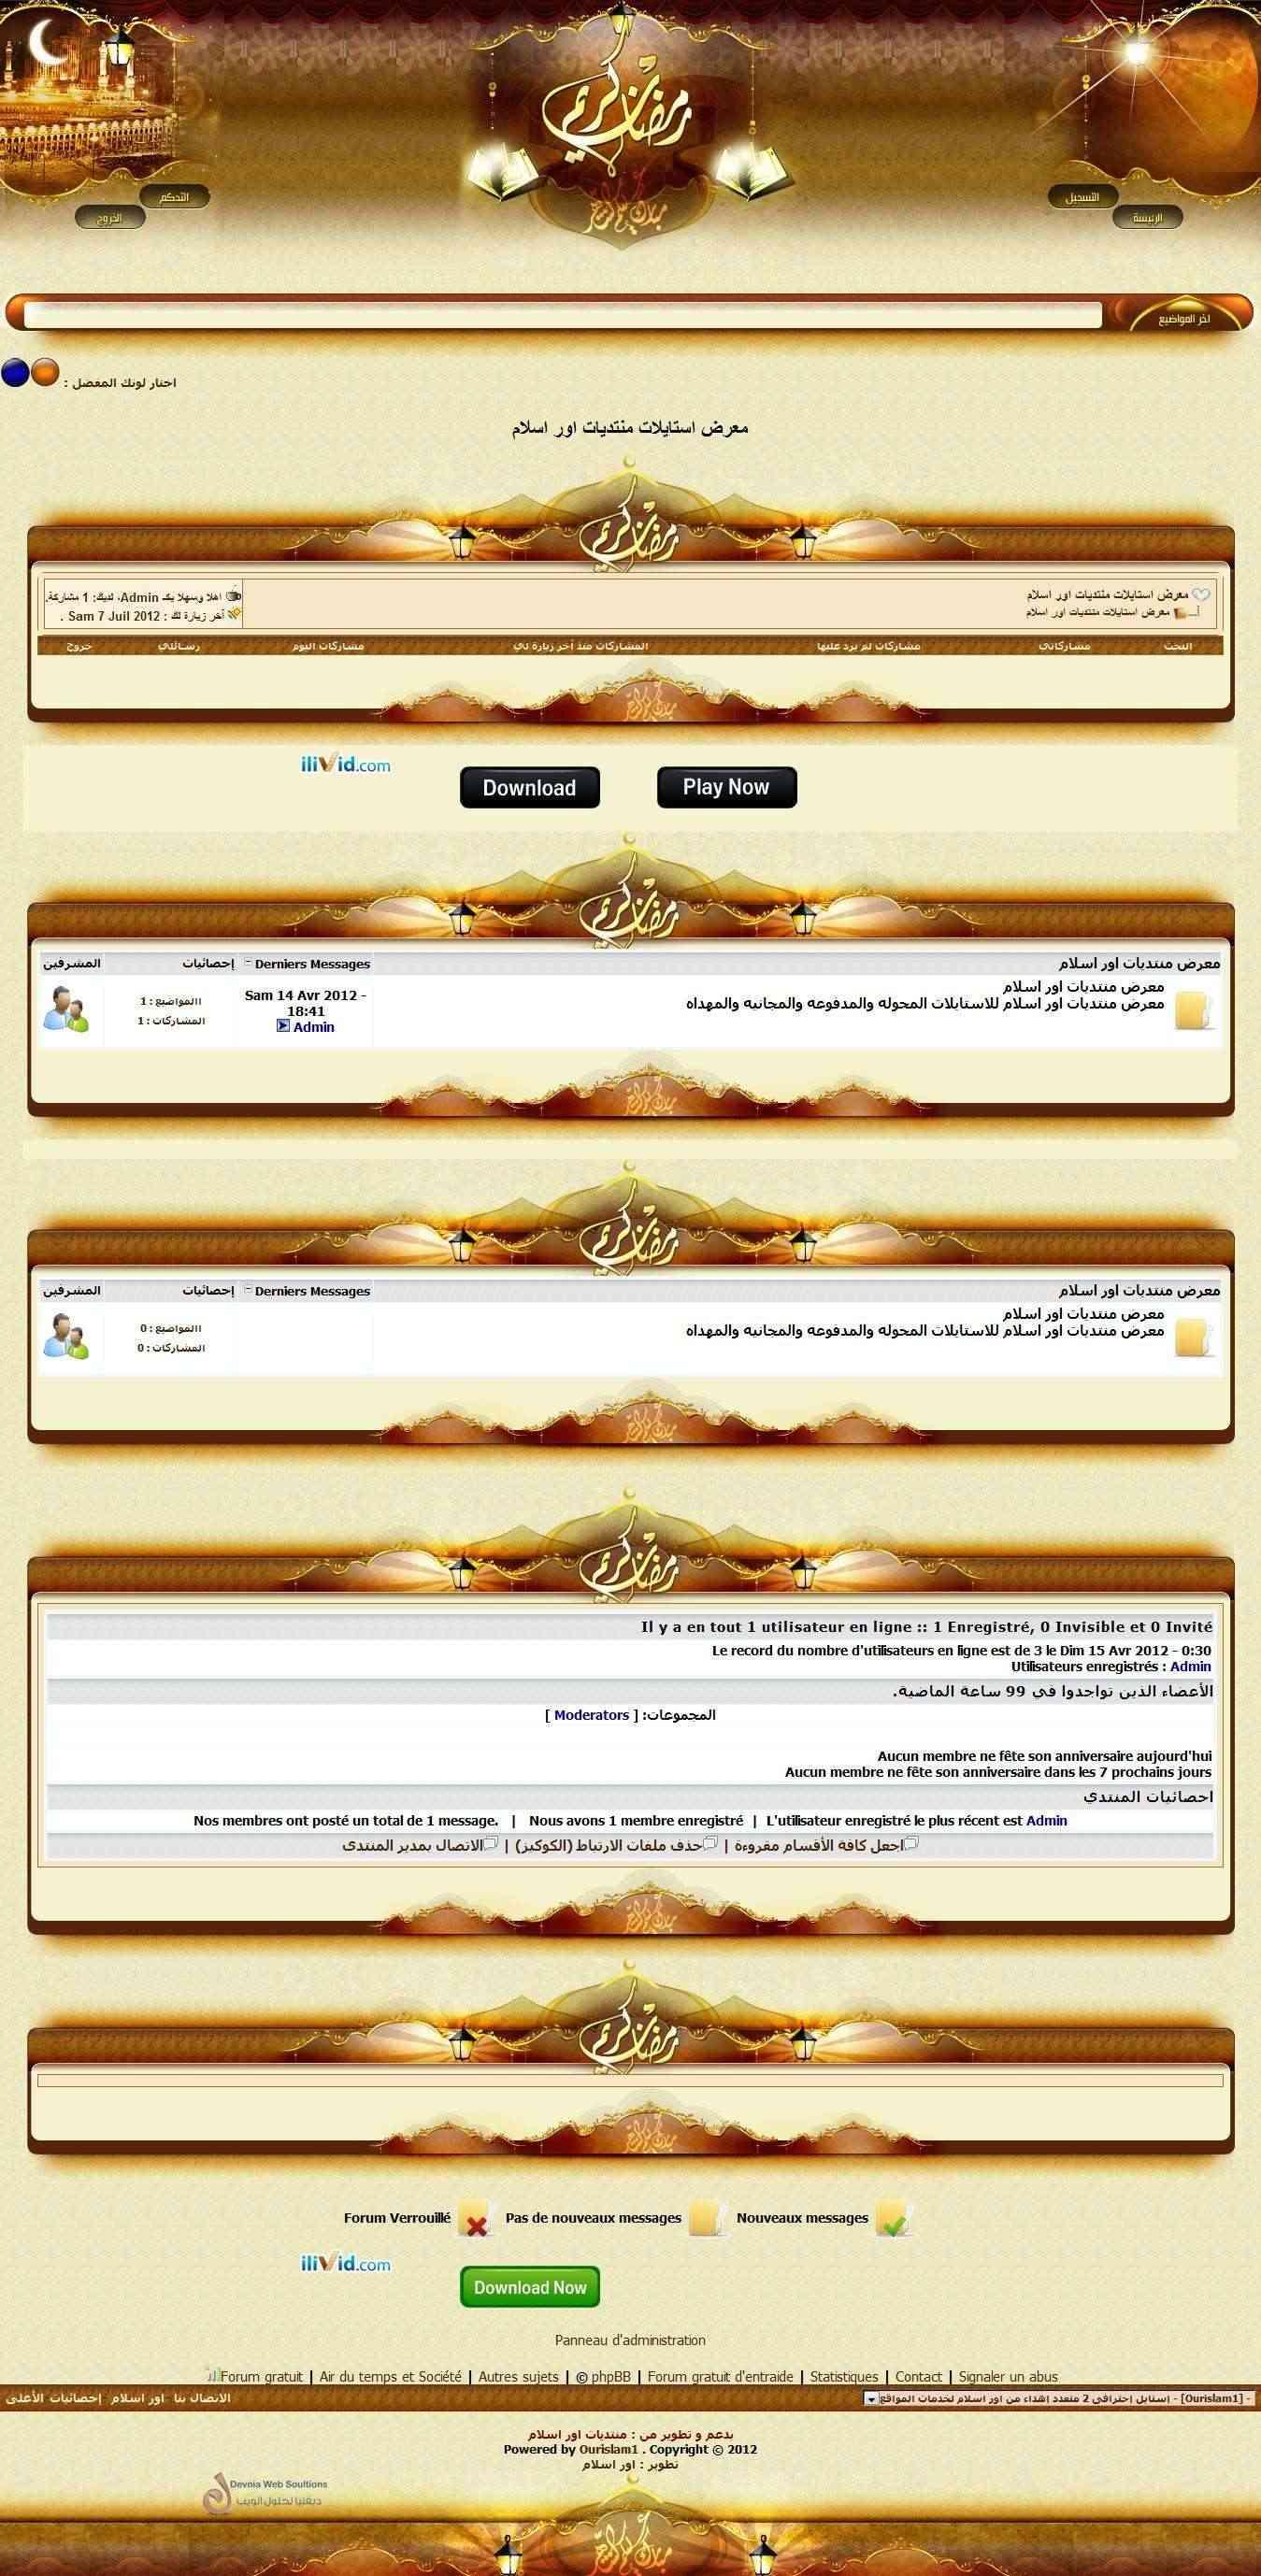 إستايل رمضان 1433 متعدد الالوان ، استايل مجانى 2012 احترافى ، استايل بالتومبيلات ، إهداء من اور اسلام لخدمات المواقع - صفحة 2 Ourisl13